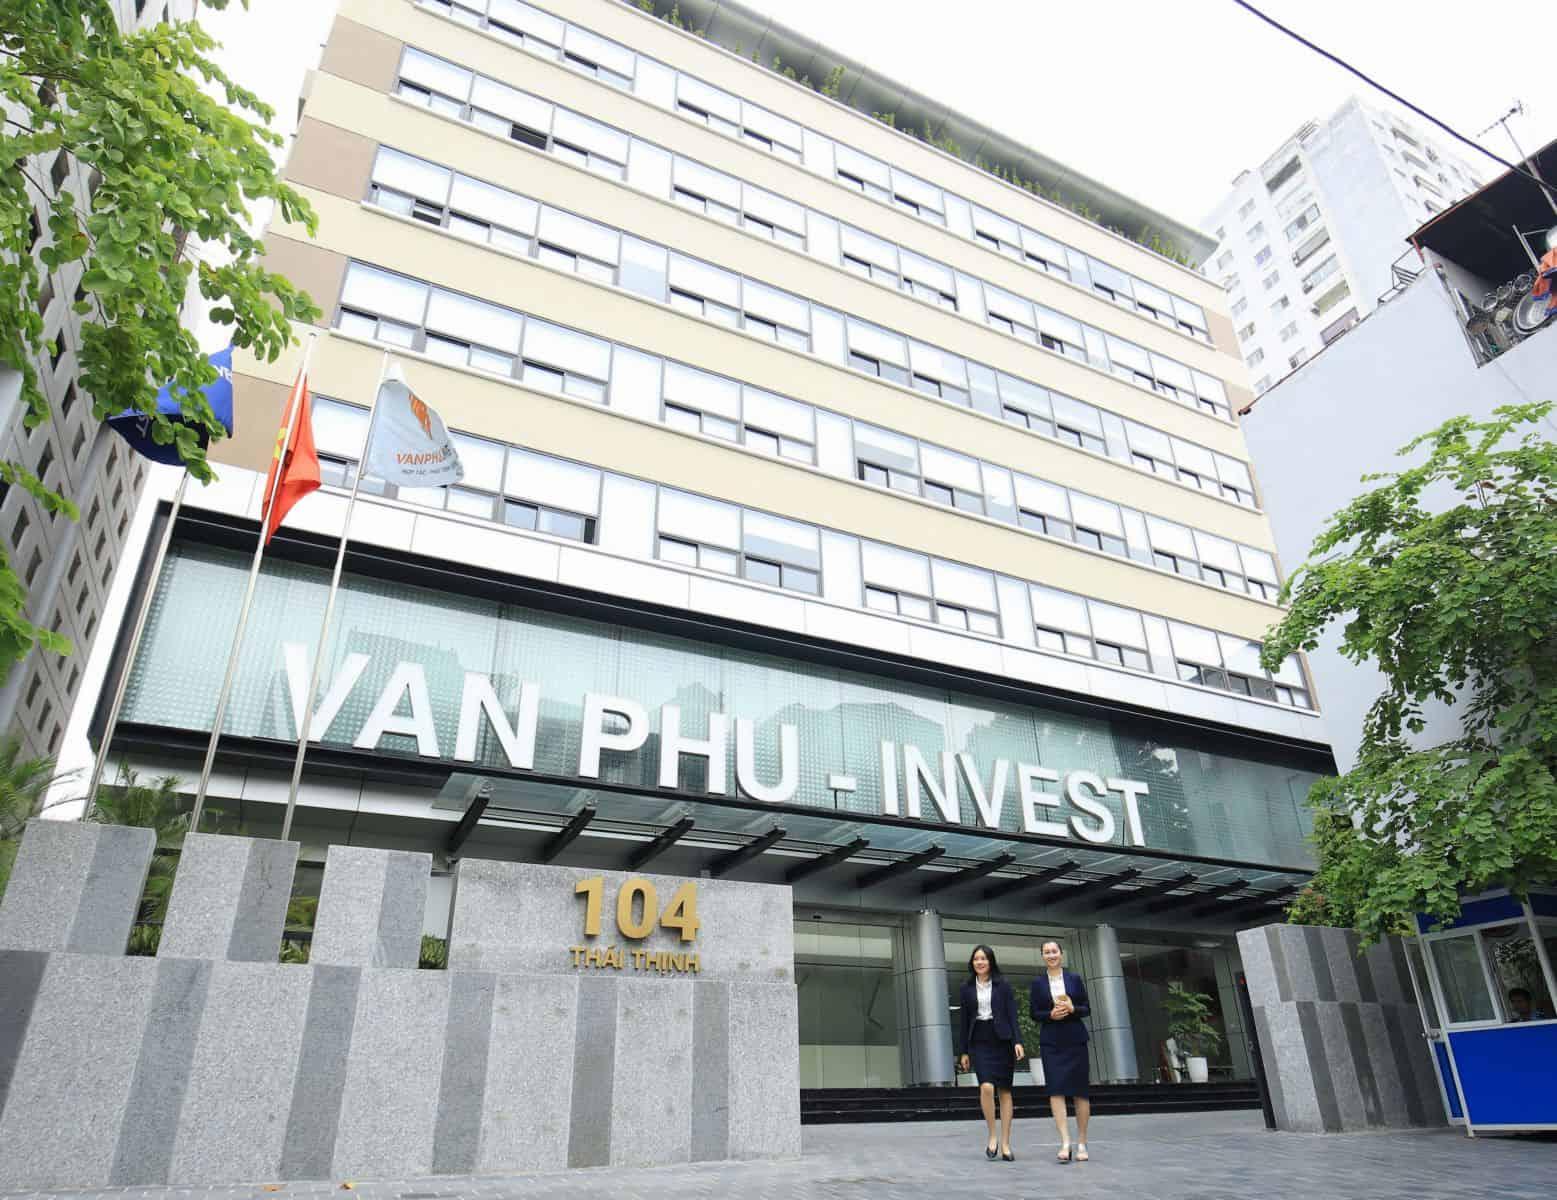 Tòa nhà Văn Phú Invest 104 Thái Thịnh